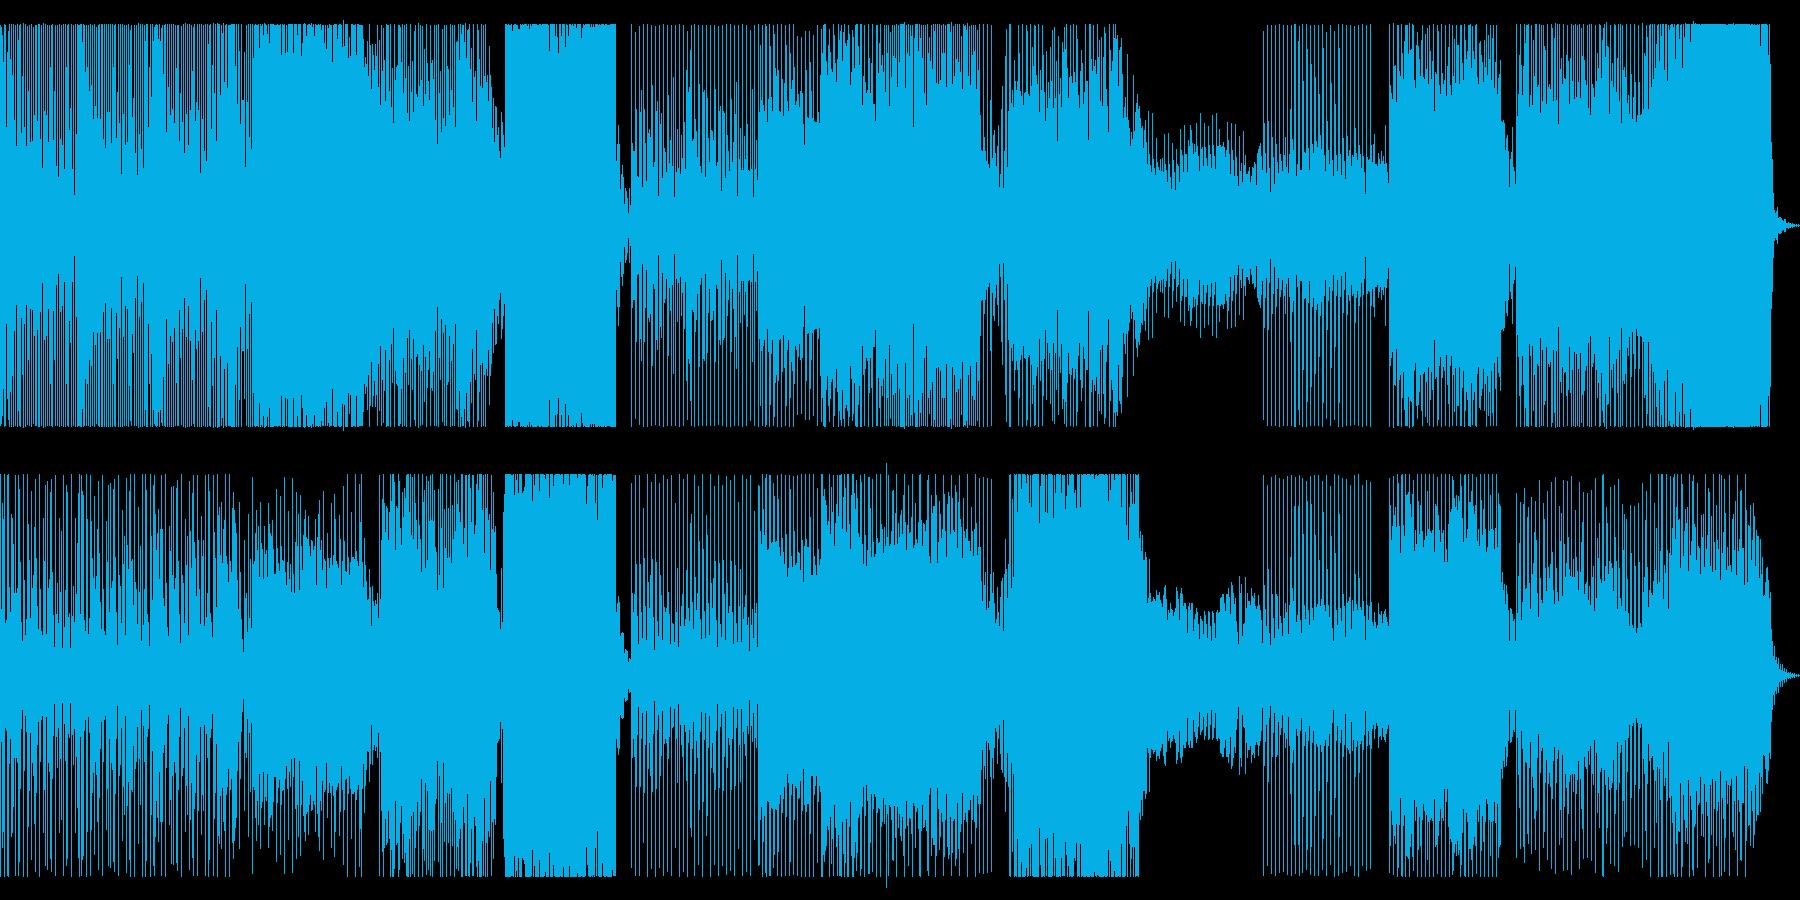 躍動感が有り、前進してゆくイメージの再生済みの波形